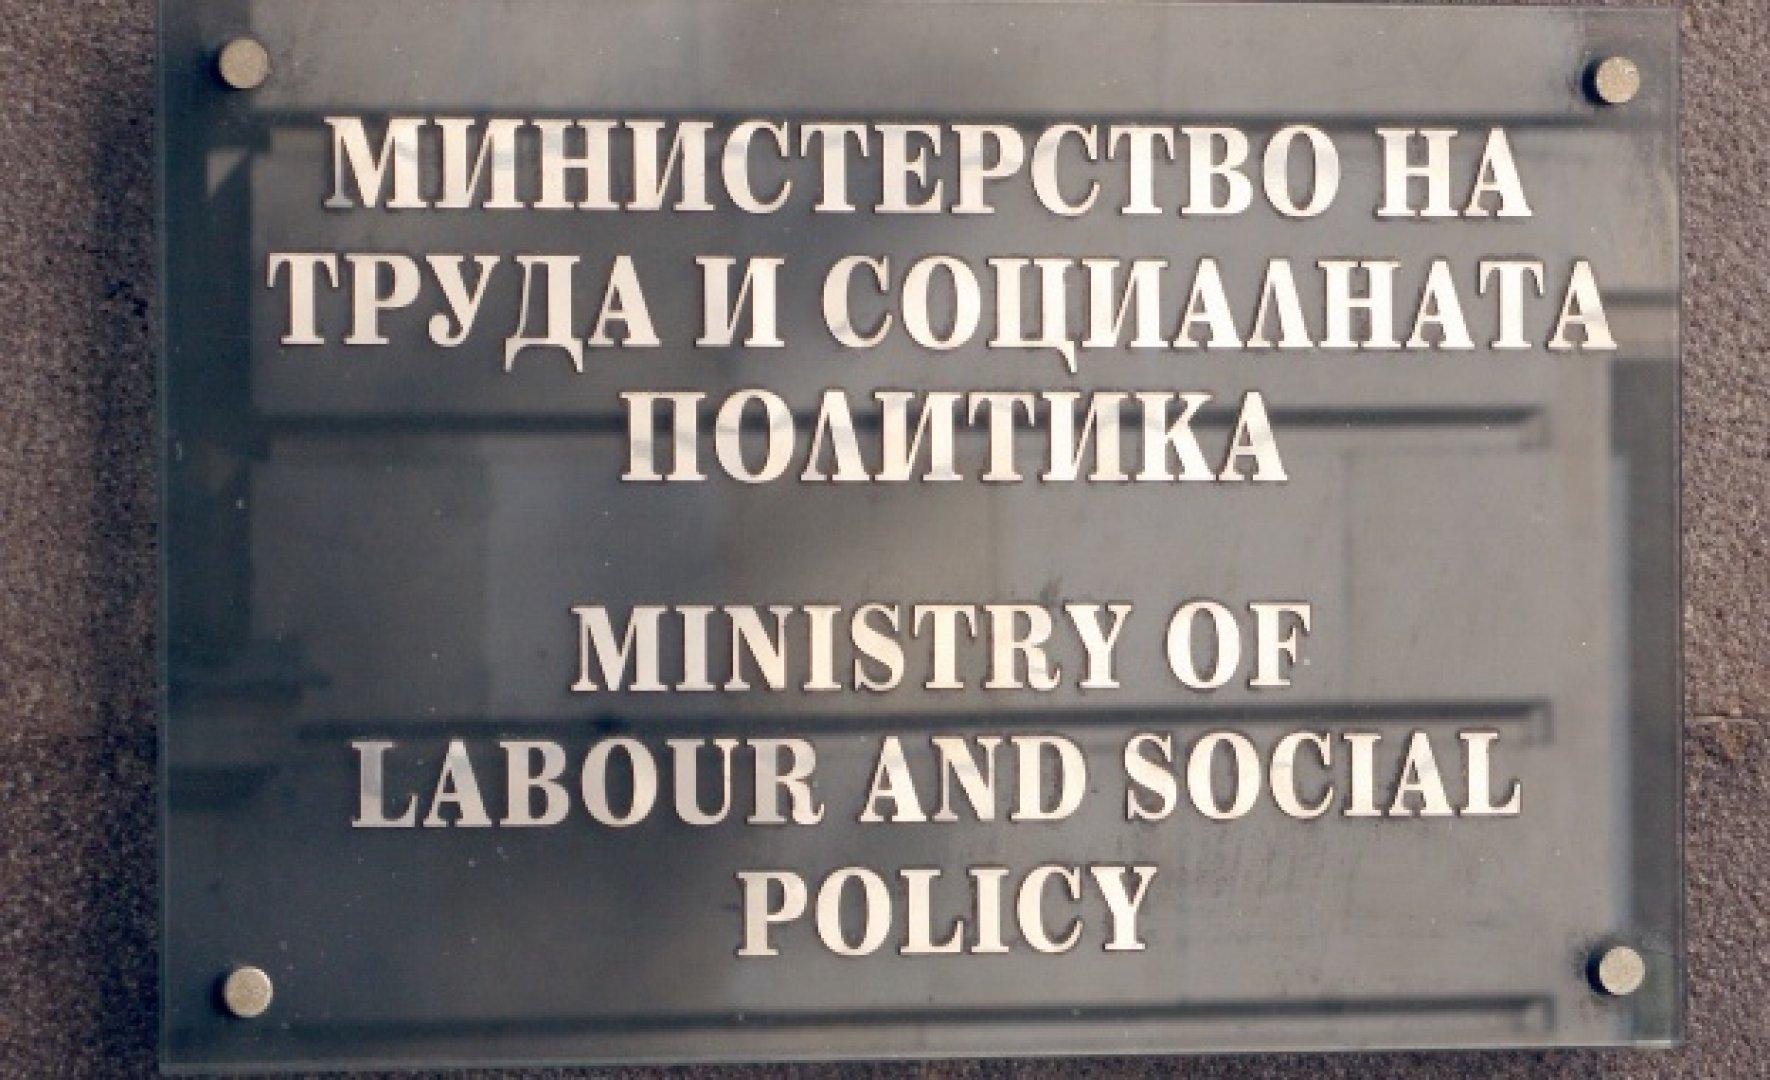 Указанията при какви условия да работят социалните услуги са събрани на 6 страници